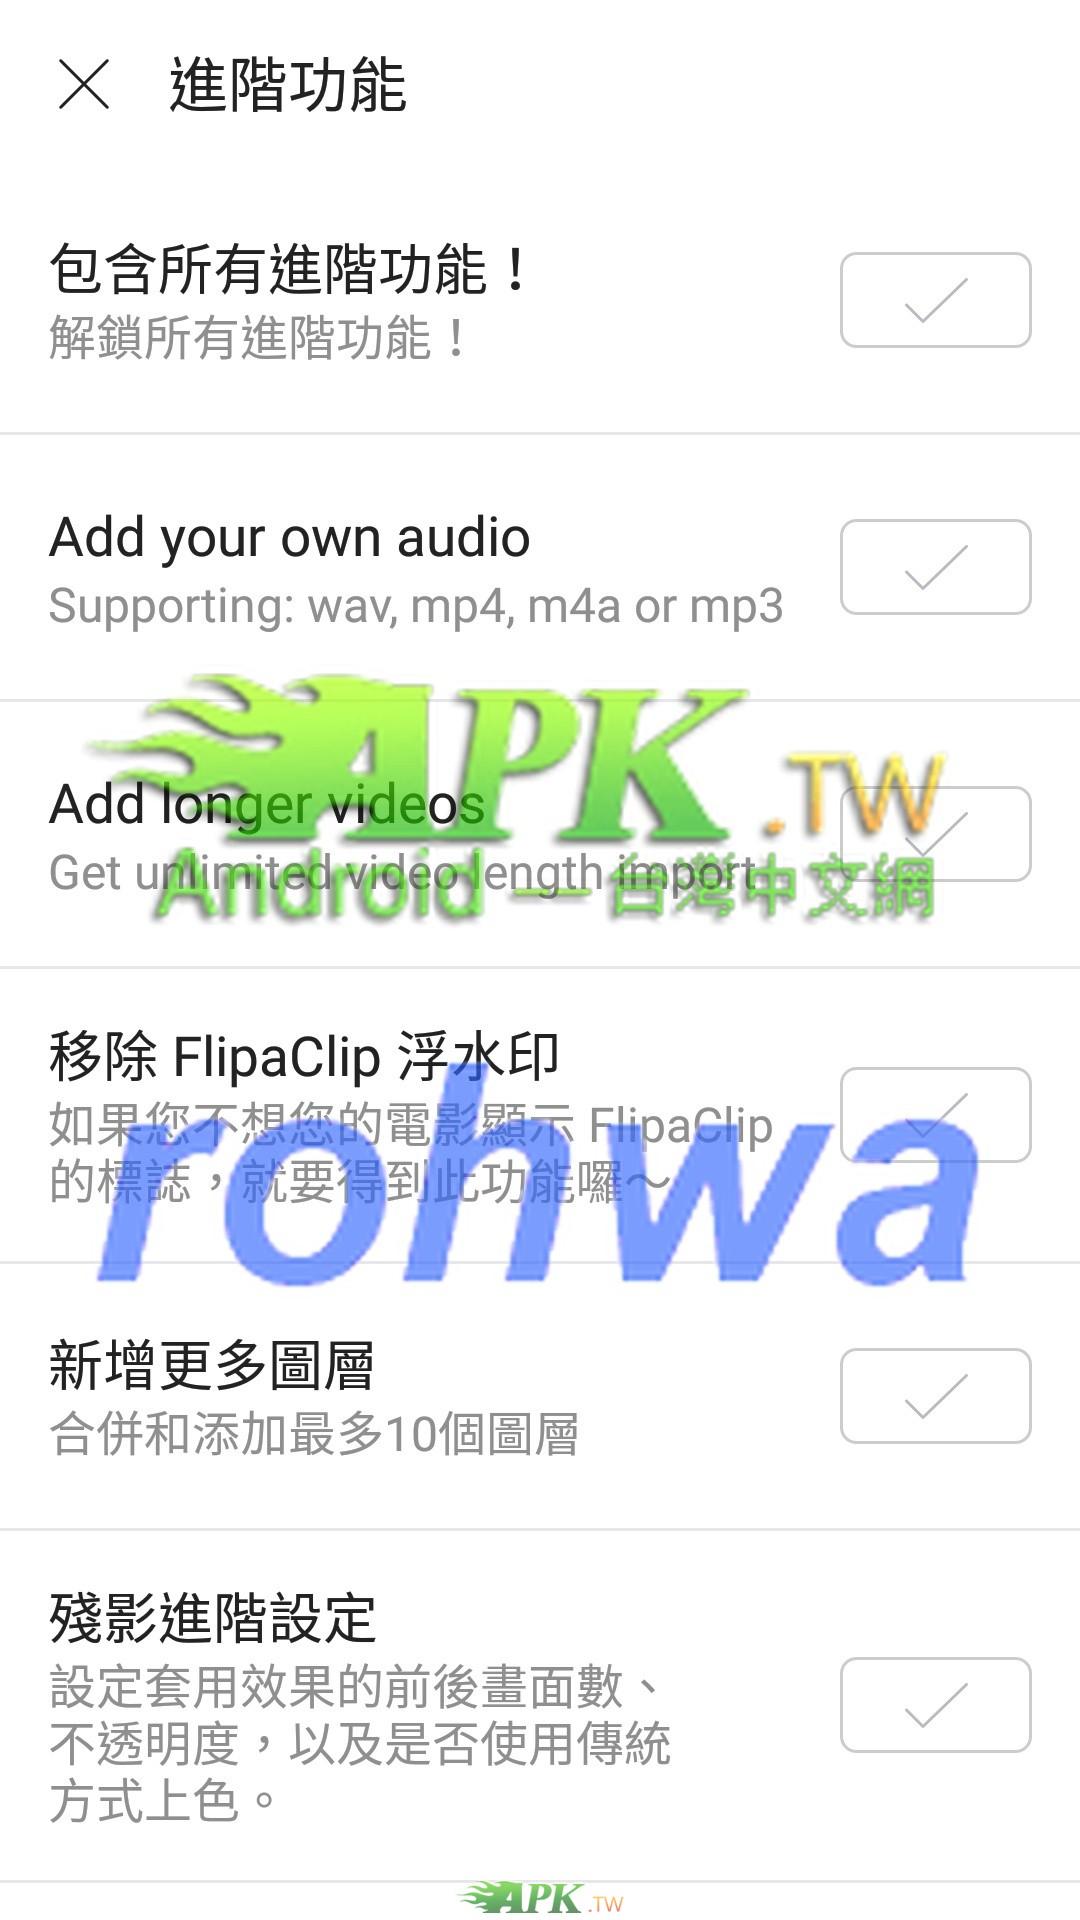 FlipaClip__2_.jpg